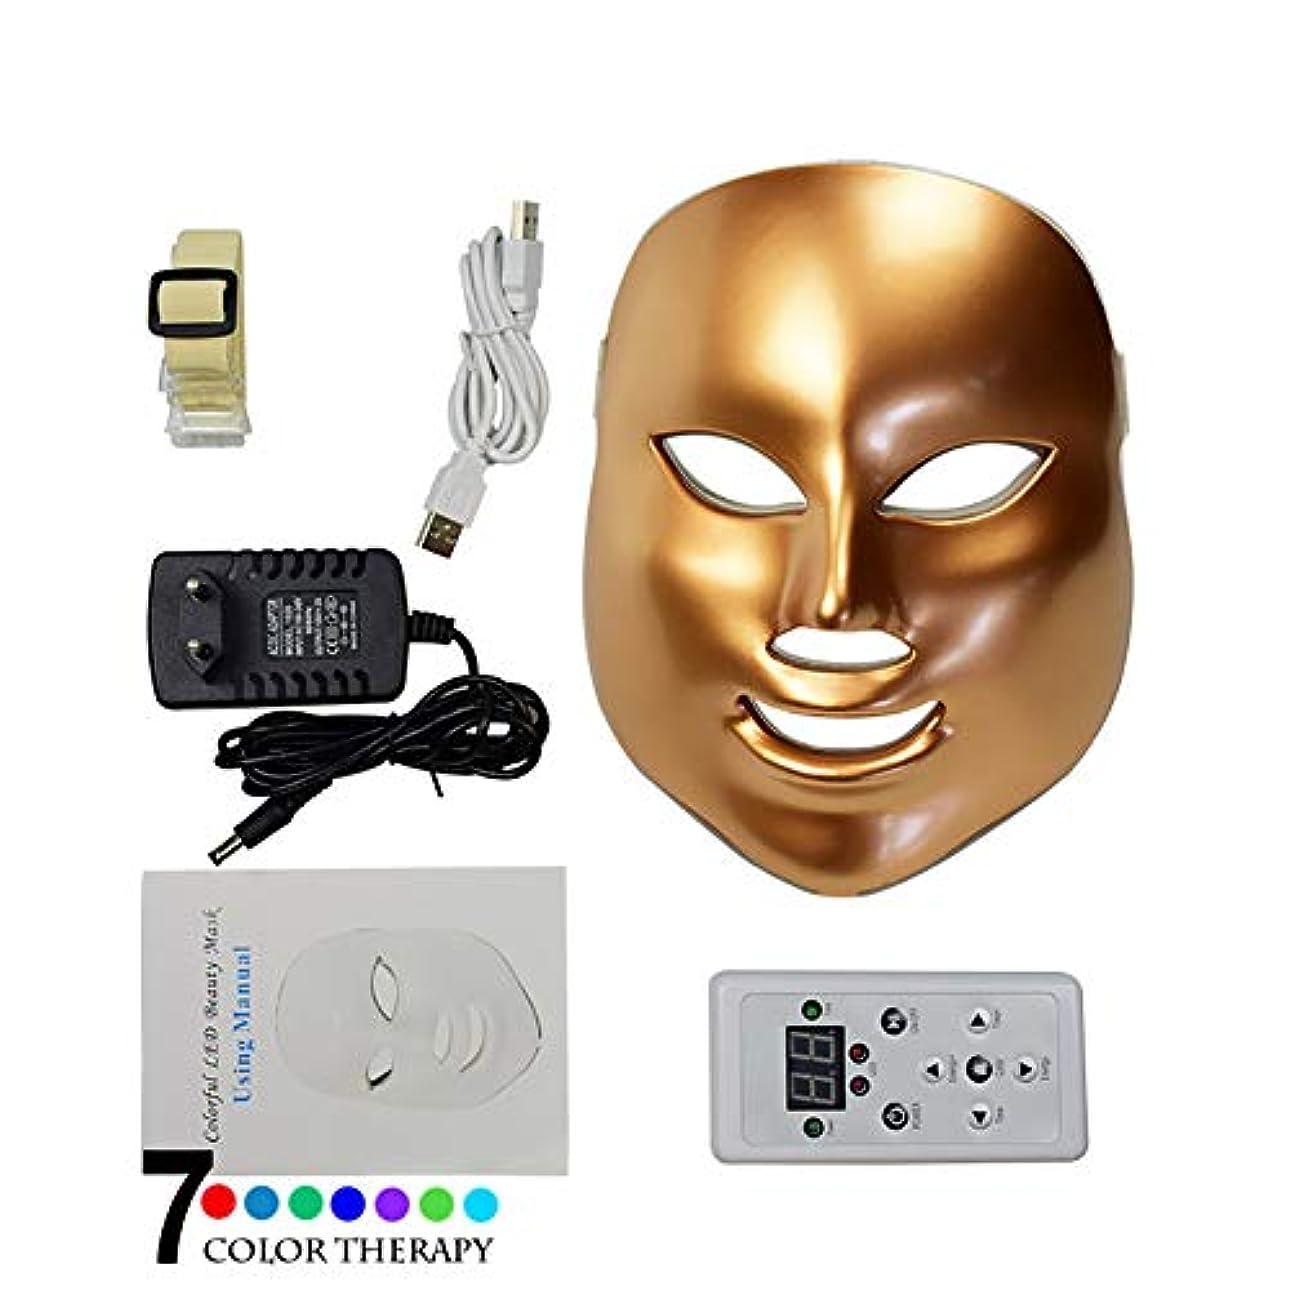 菊前件アクション7色LEDフェイスマスク、7色LEDスキン光線療法器具、健康的な肌の若返りのためのレッドライトセラピー、アンチエイジング、しわ、瘢痕化,Gold